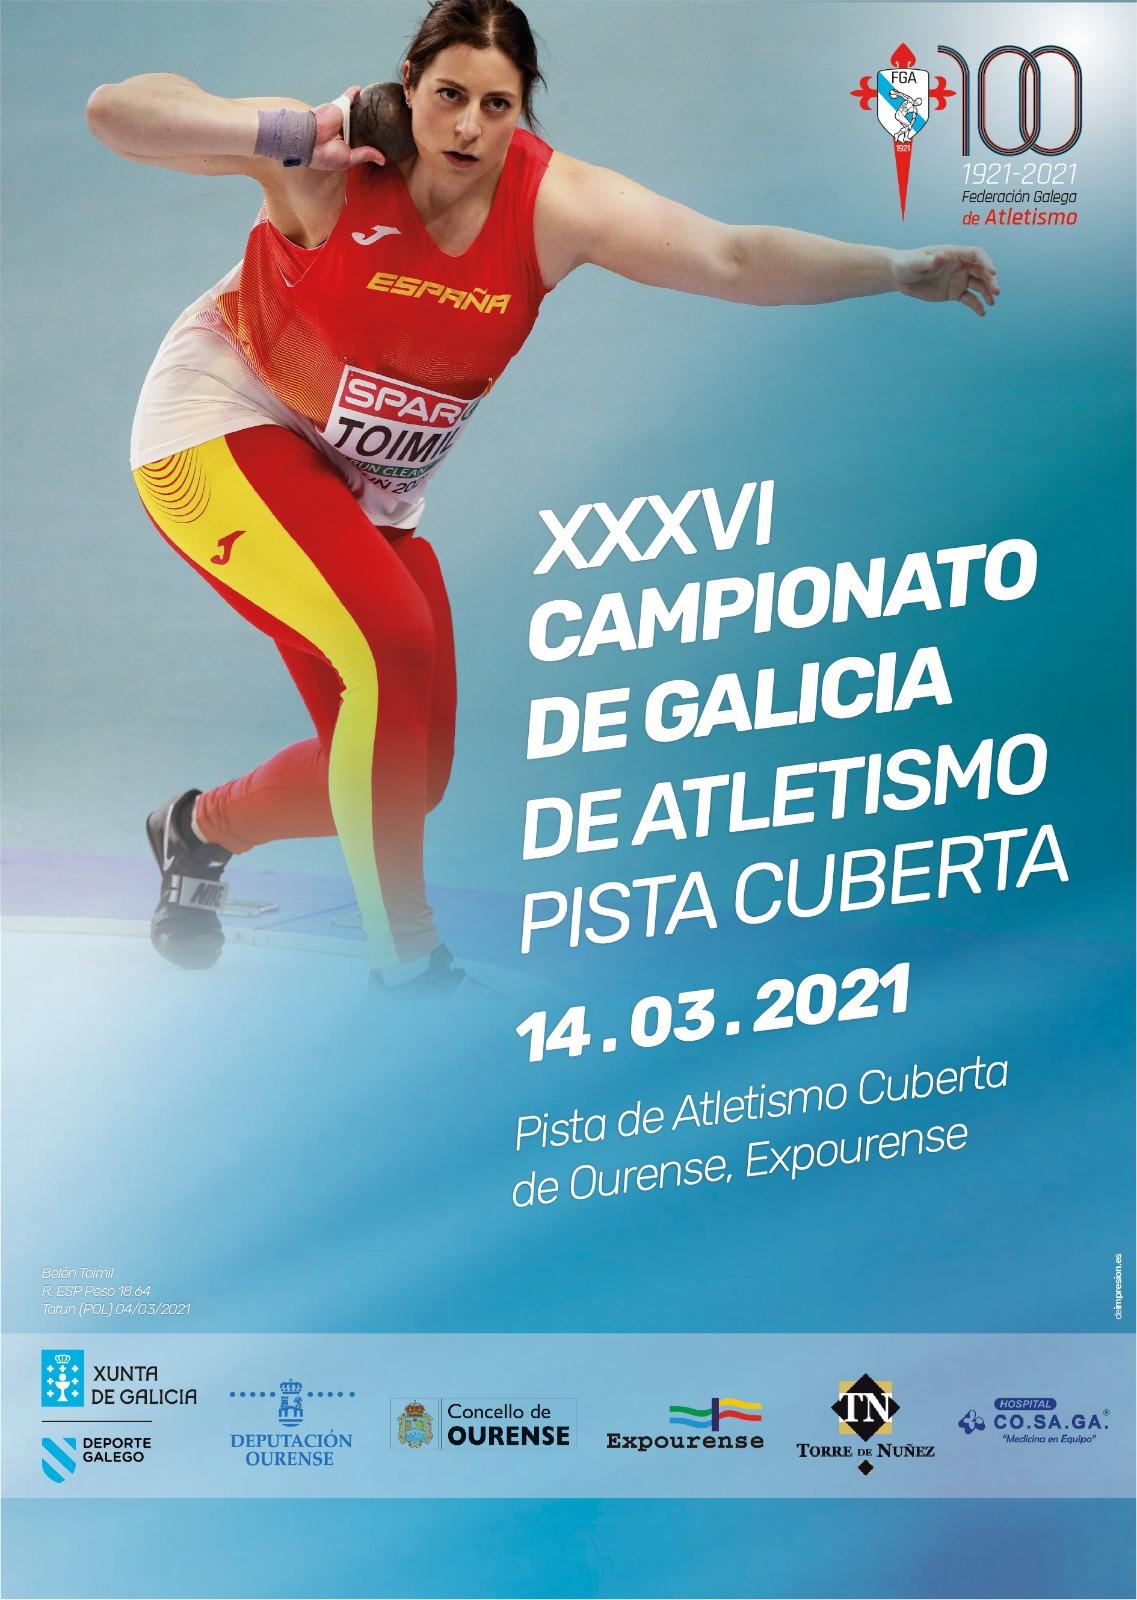 XXXVI Campionato de Galicia Absoluto en Pista Cuberta